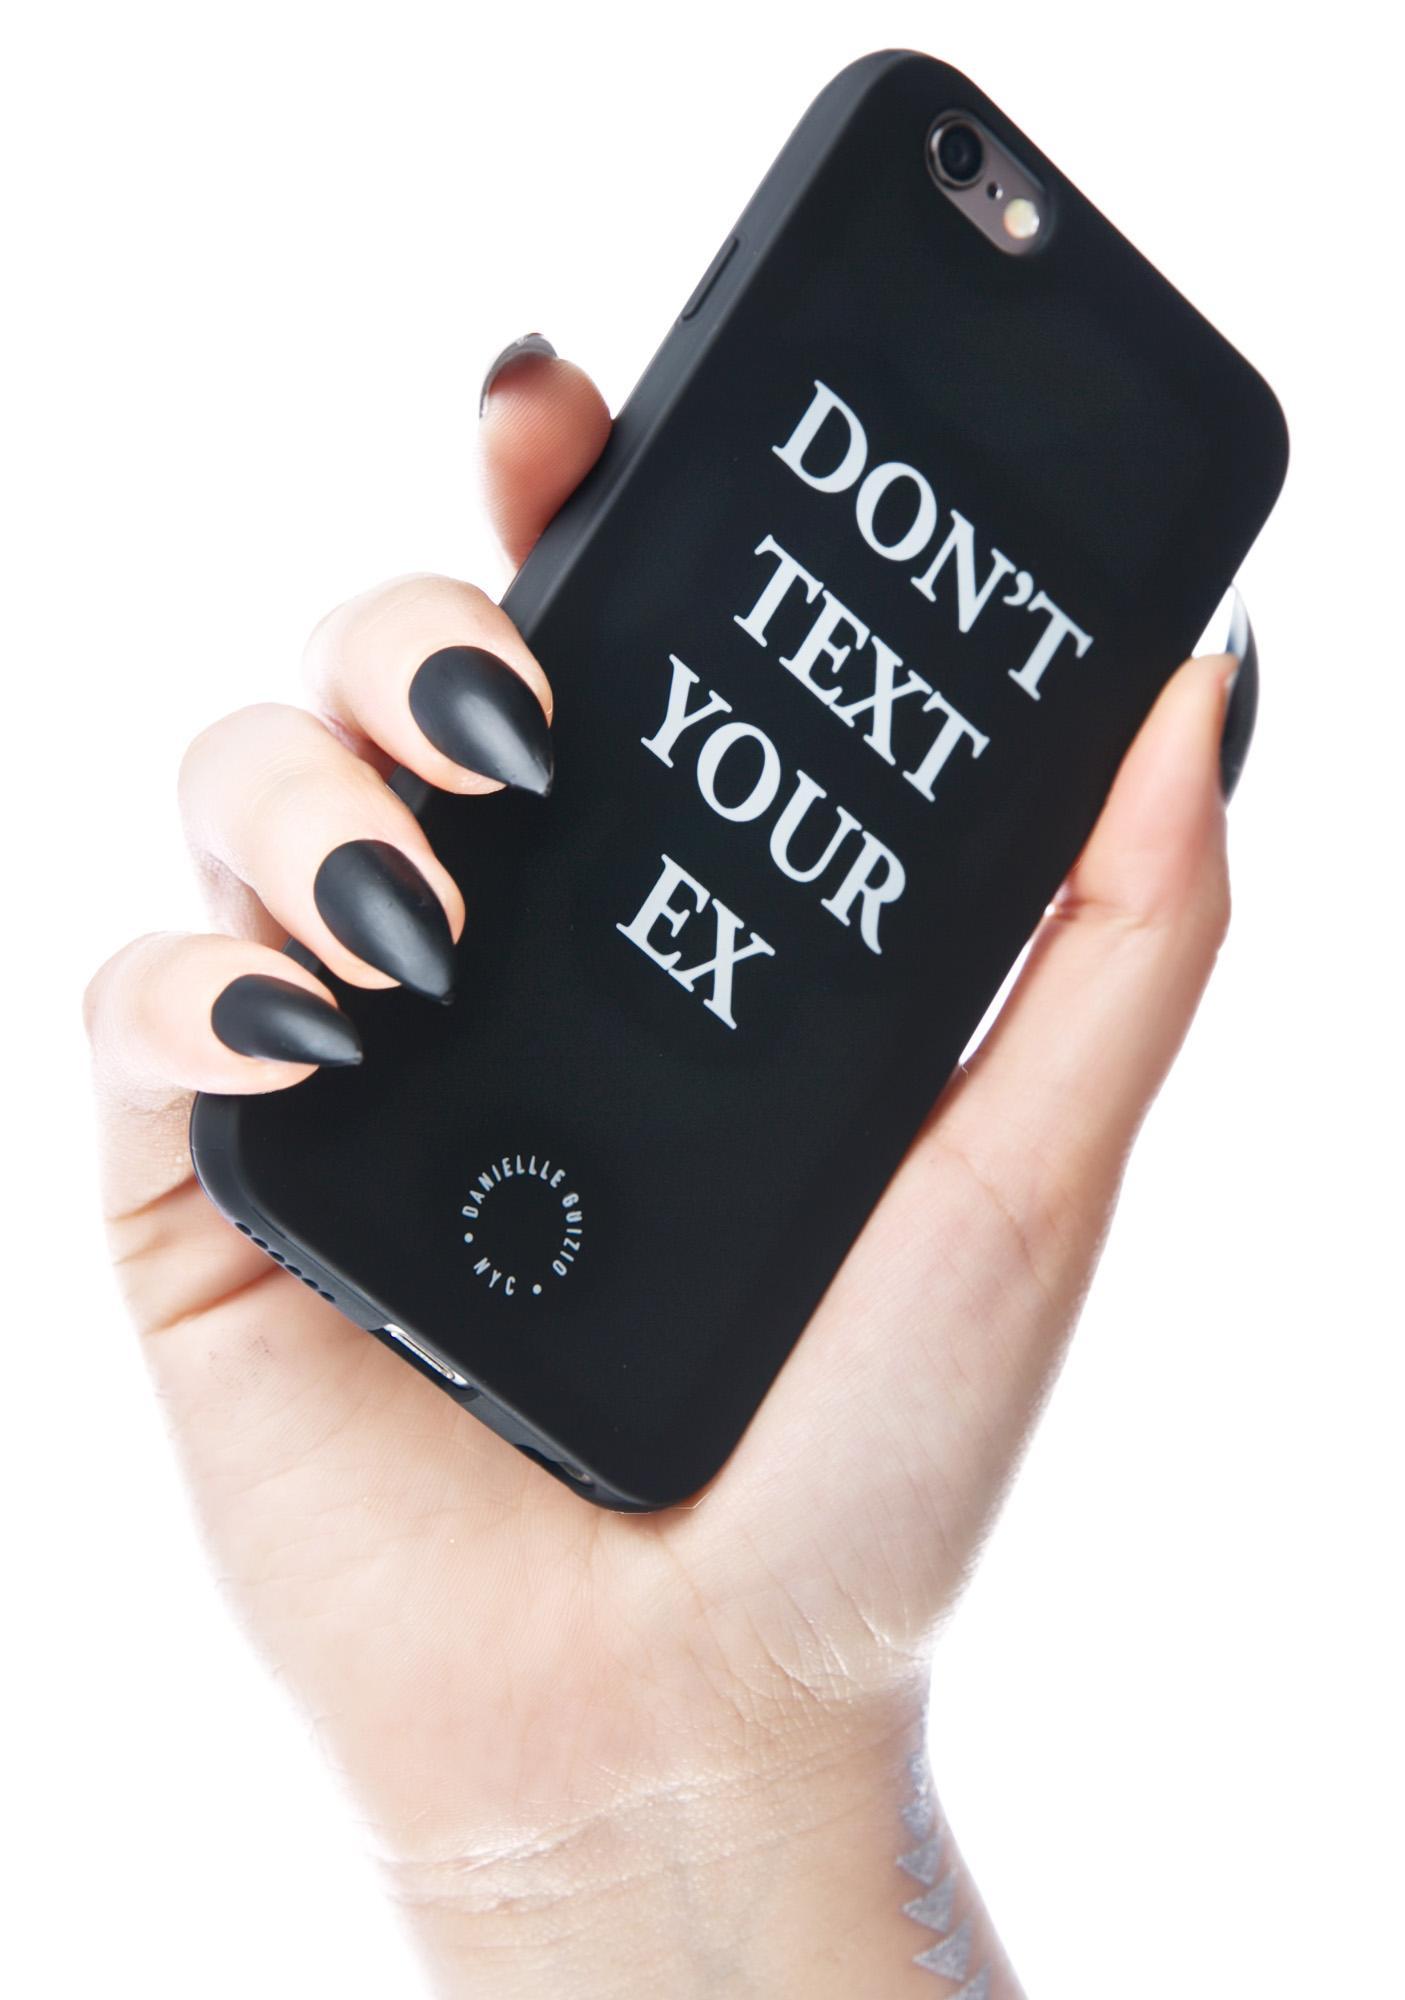 Danielle Guizio Don't Text Your Ex iPhone 6 Plus Case